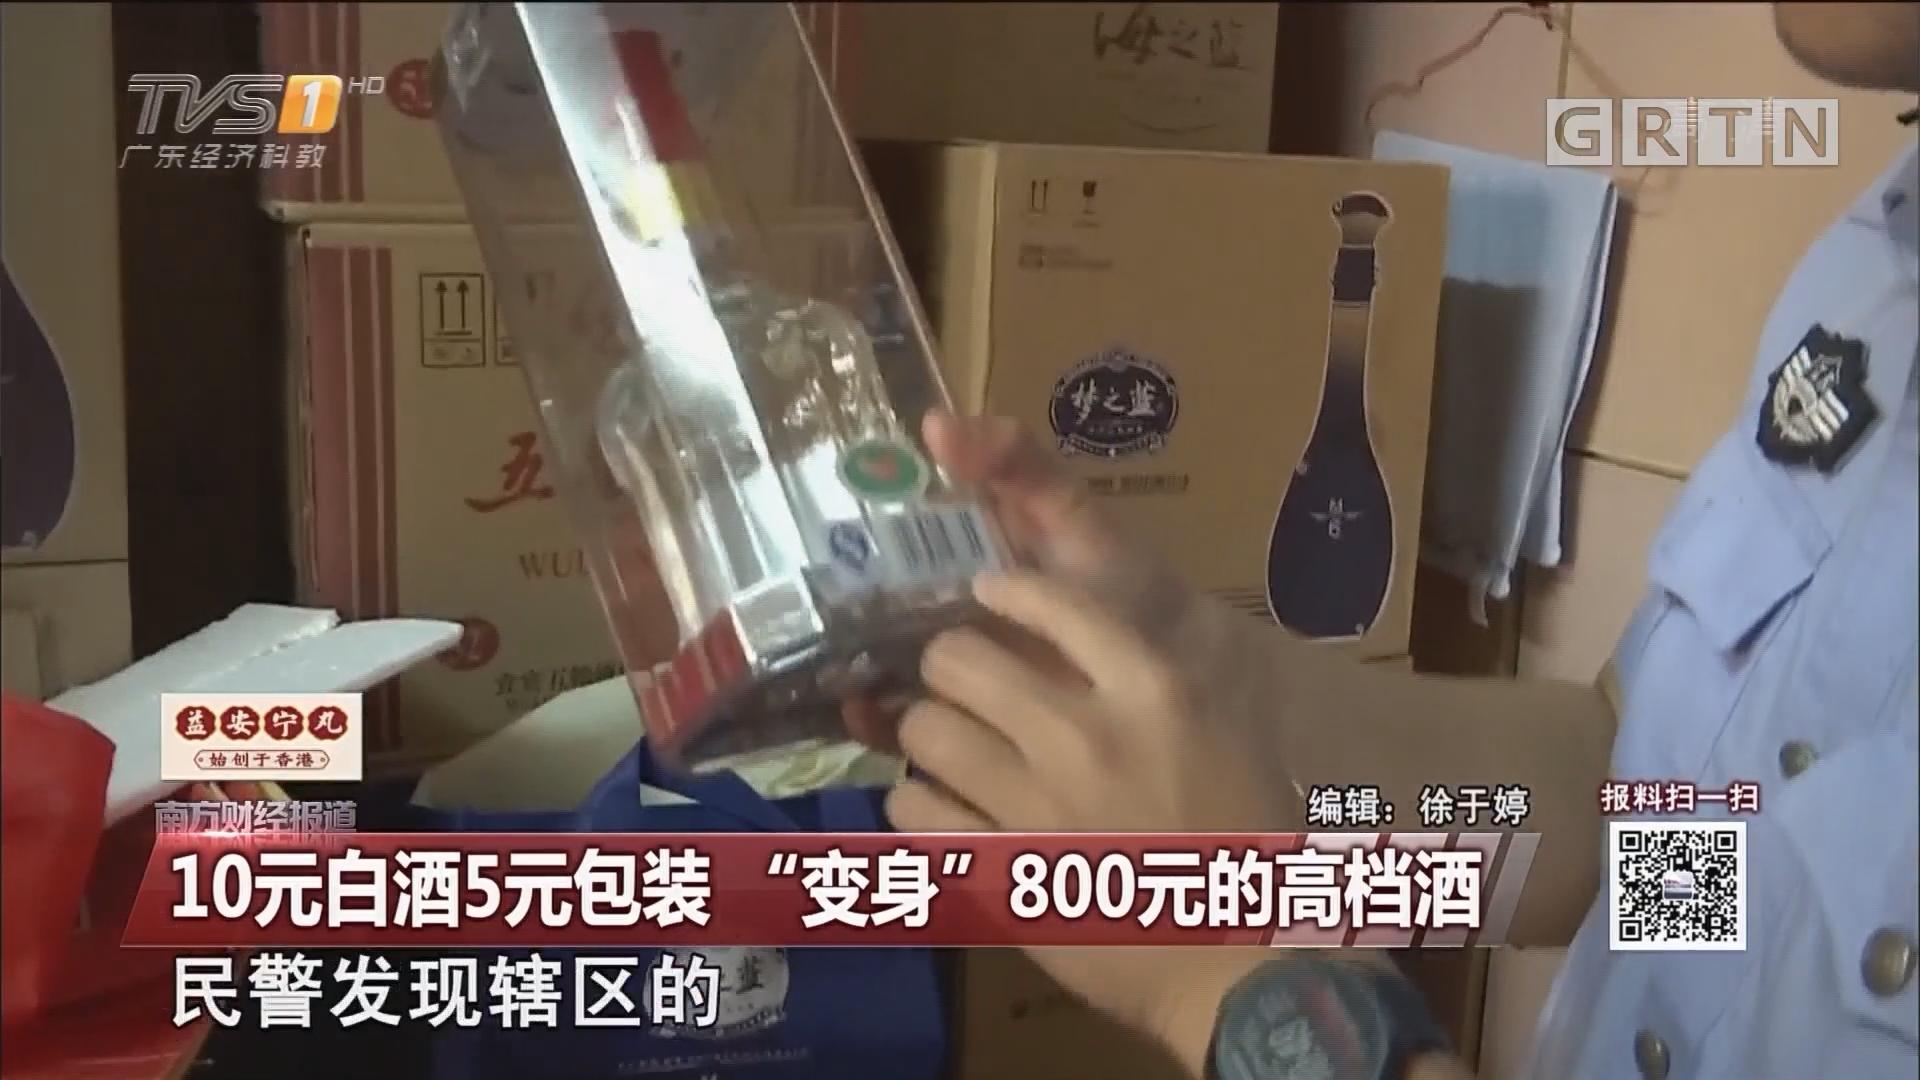 """10元白酒5元包装 """"变身""""800元的高档酒"""